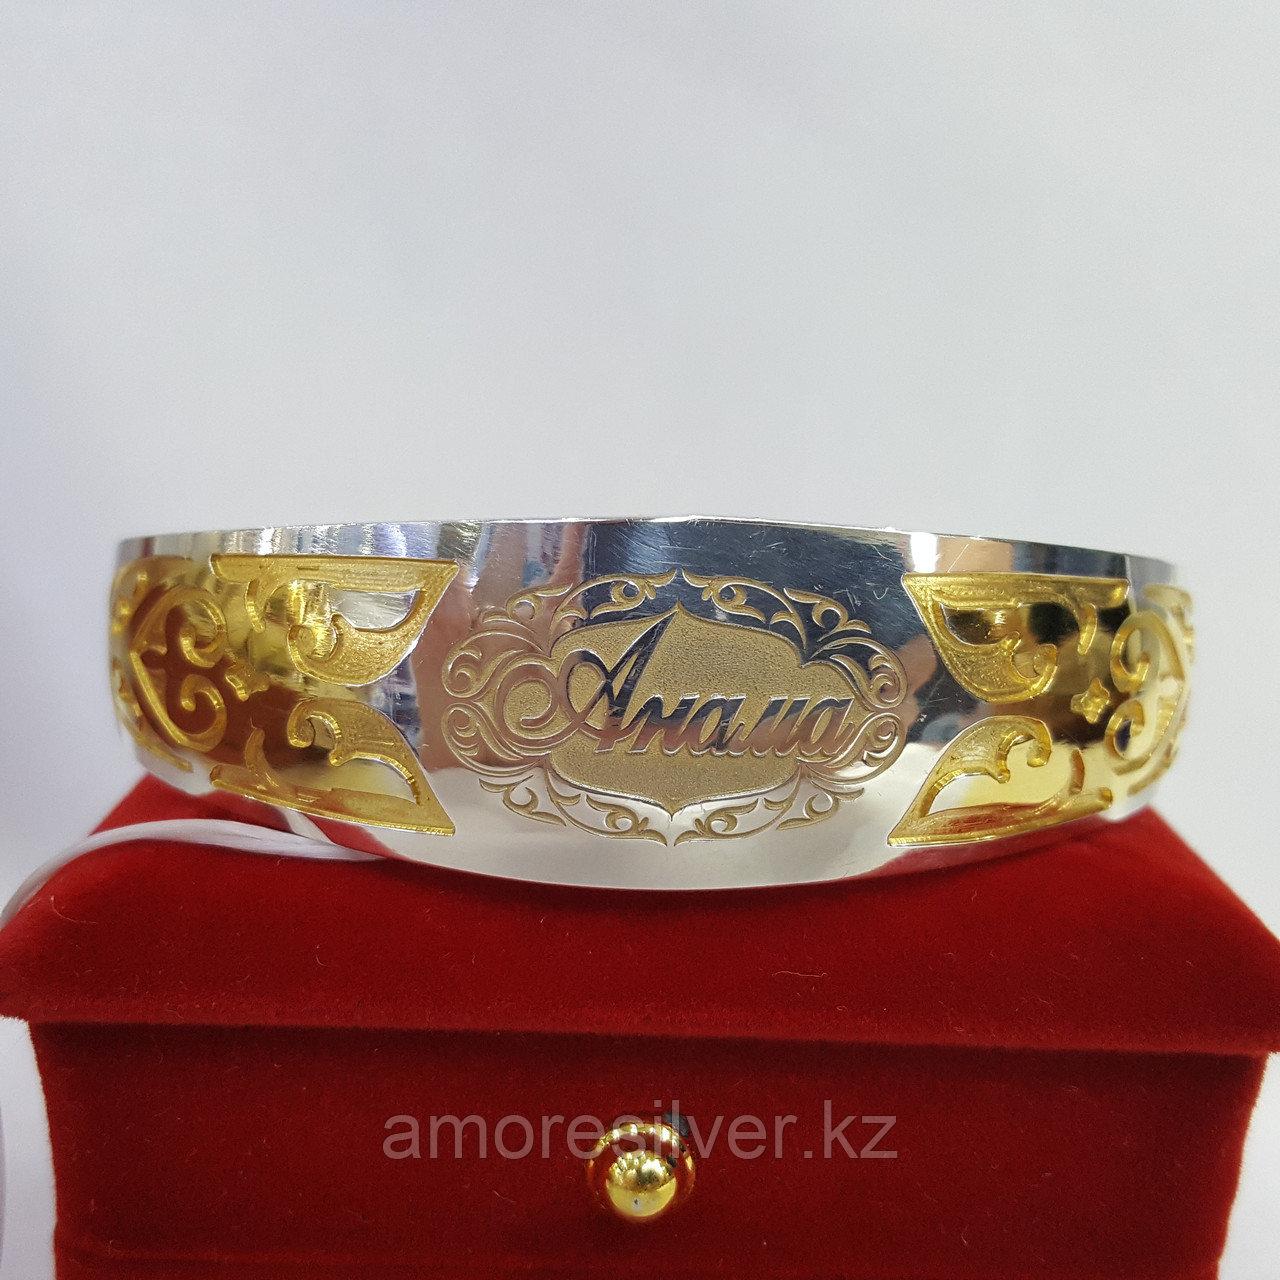 Алматы серебро с позолотой, без вставок F812